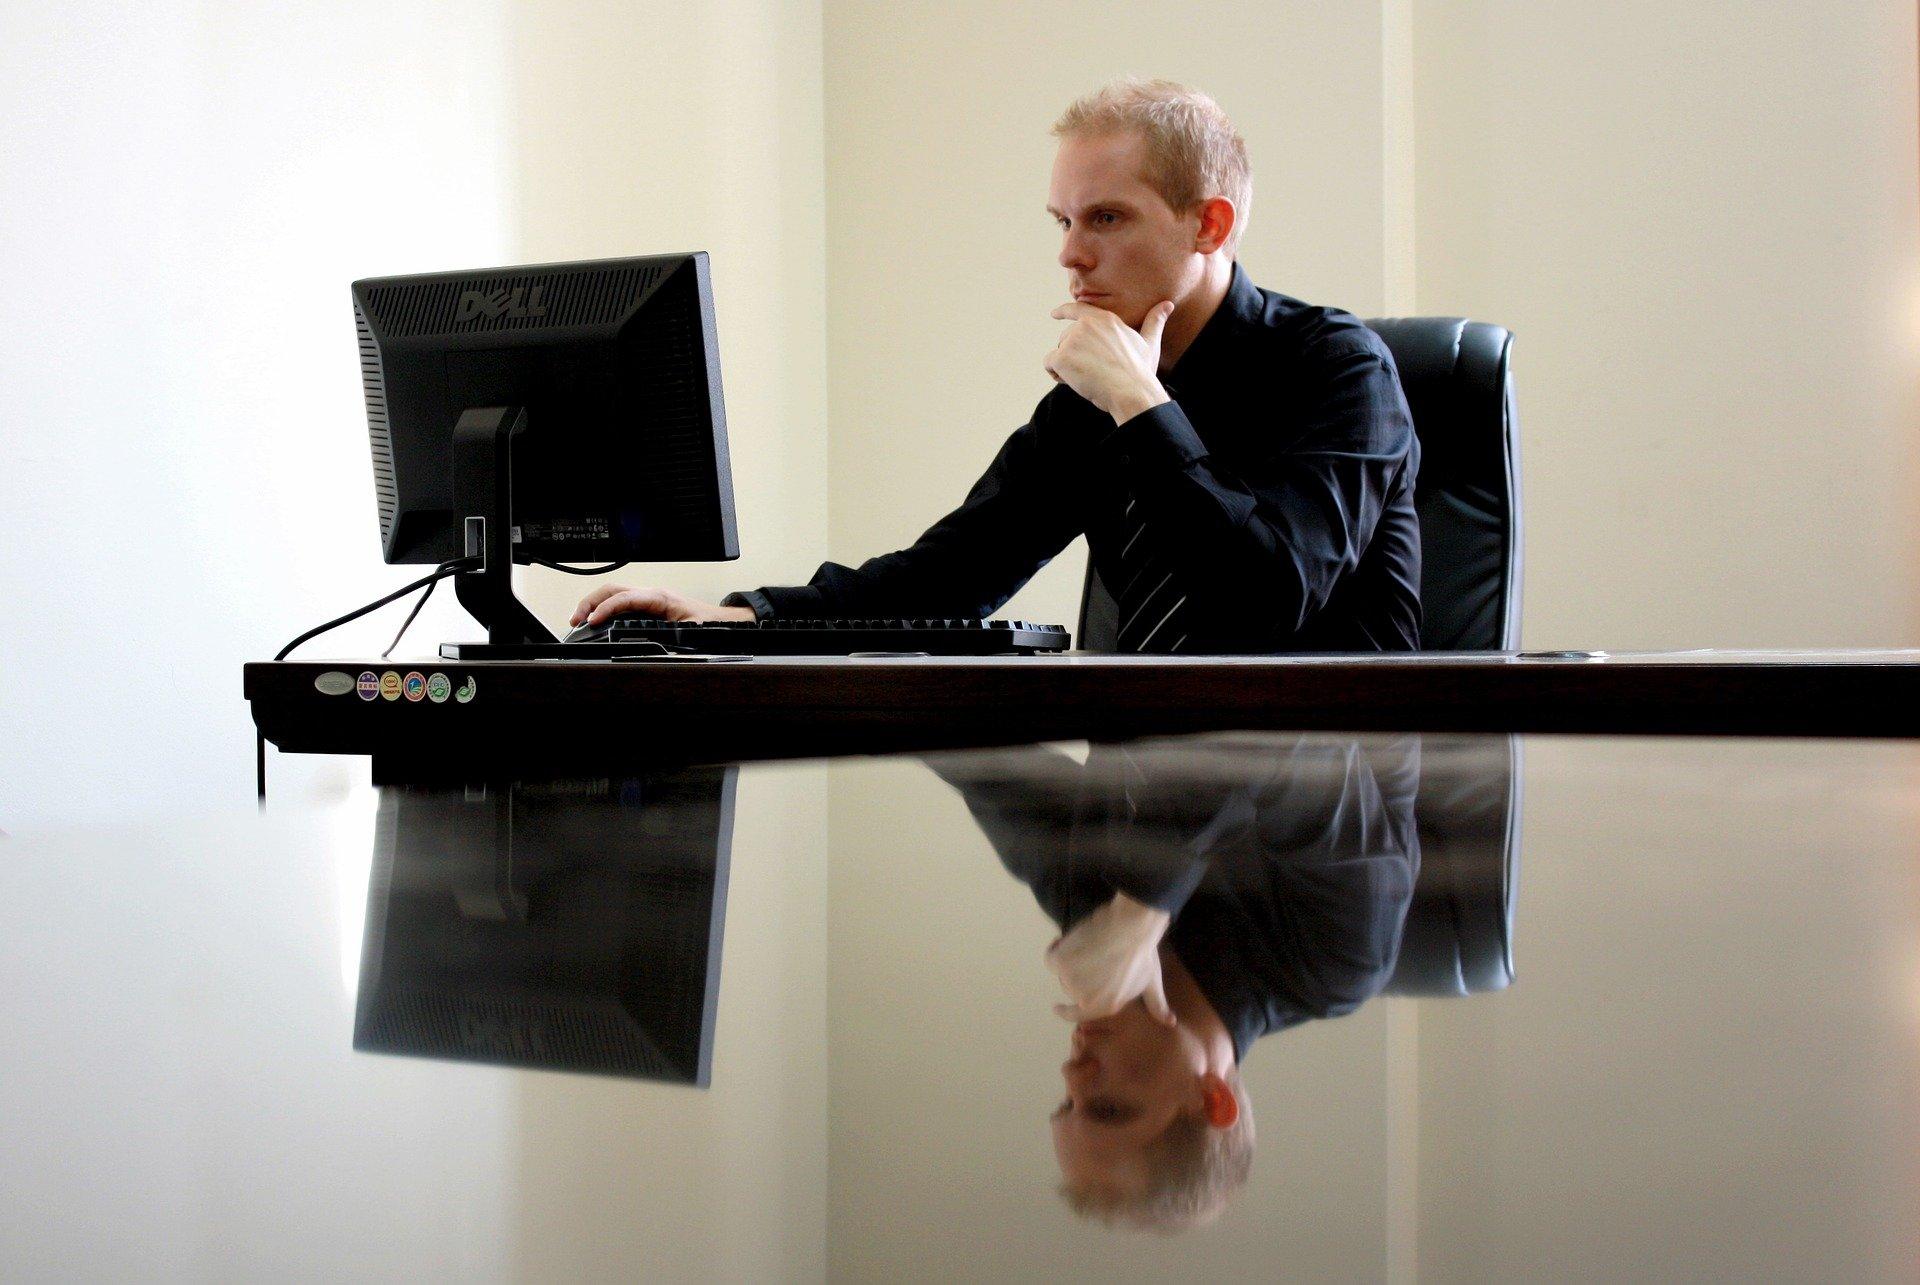 Wirtualne biuro – co to jest i do czego służy?